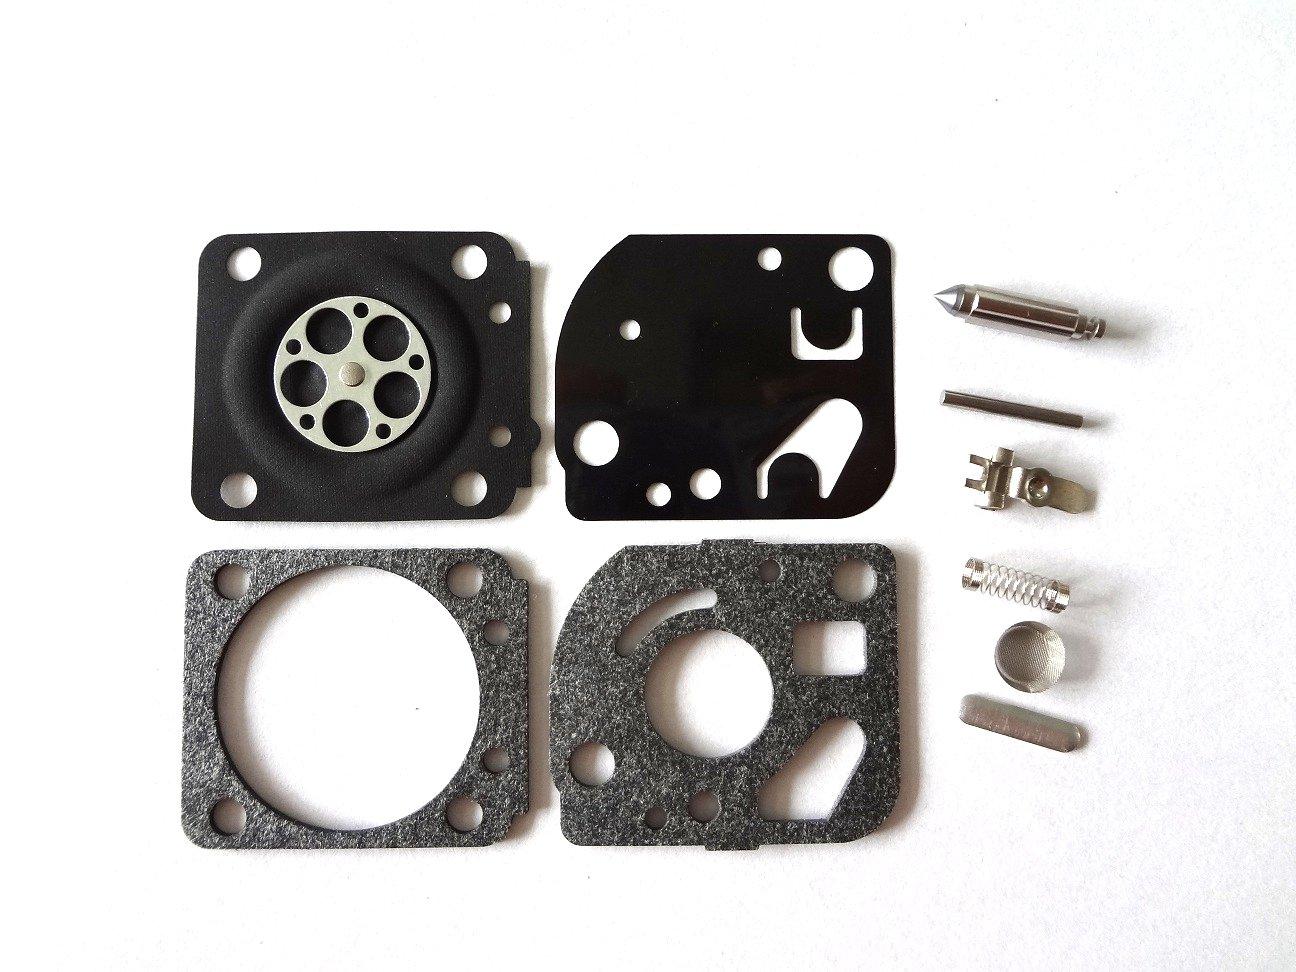 Carburateur r/éparation//Rebuild kit Remplace Zama Rb-71/pour Echo Tc2100/Sv-4/Srm-251/Gt-251/tondeuse